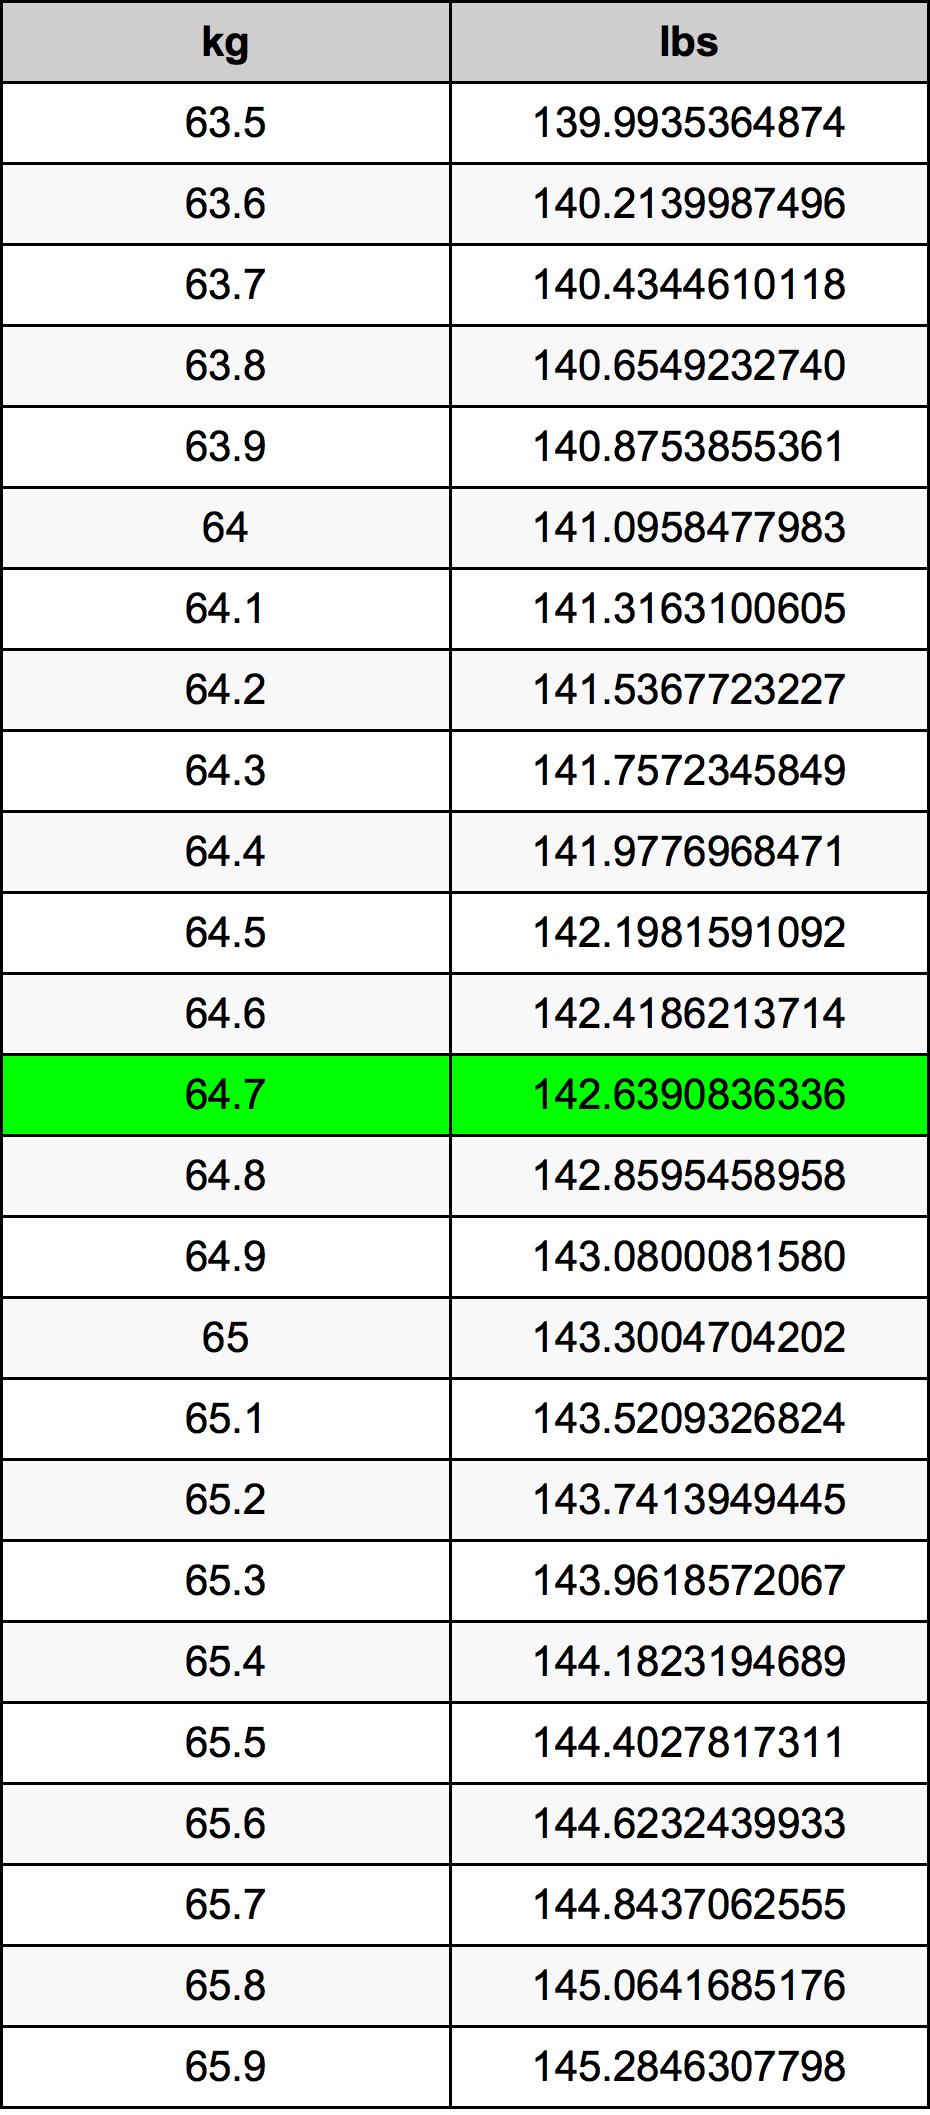 64.7 Kilogram Tablica konverzije